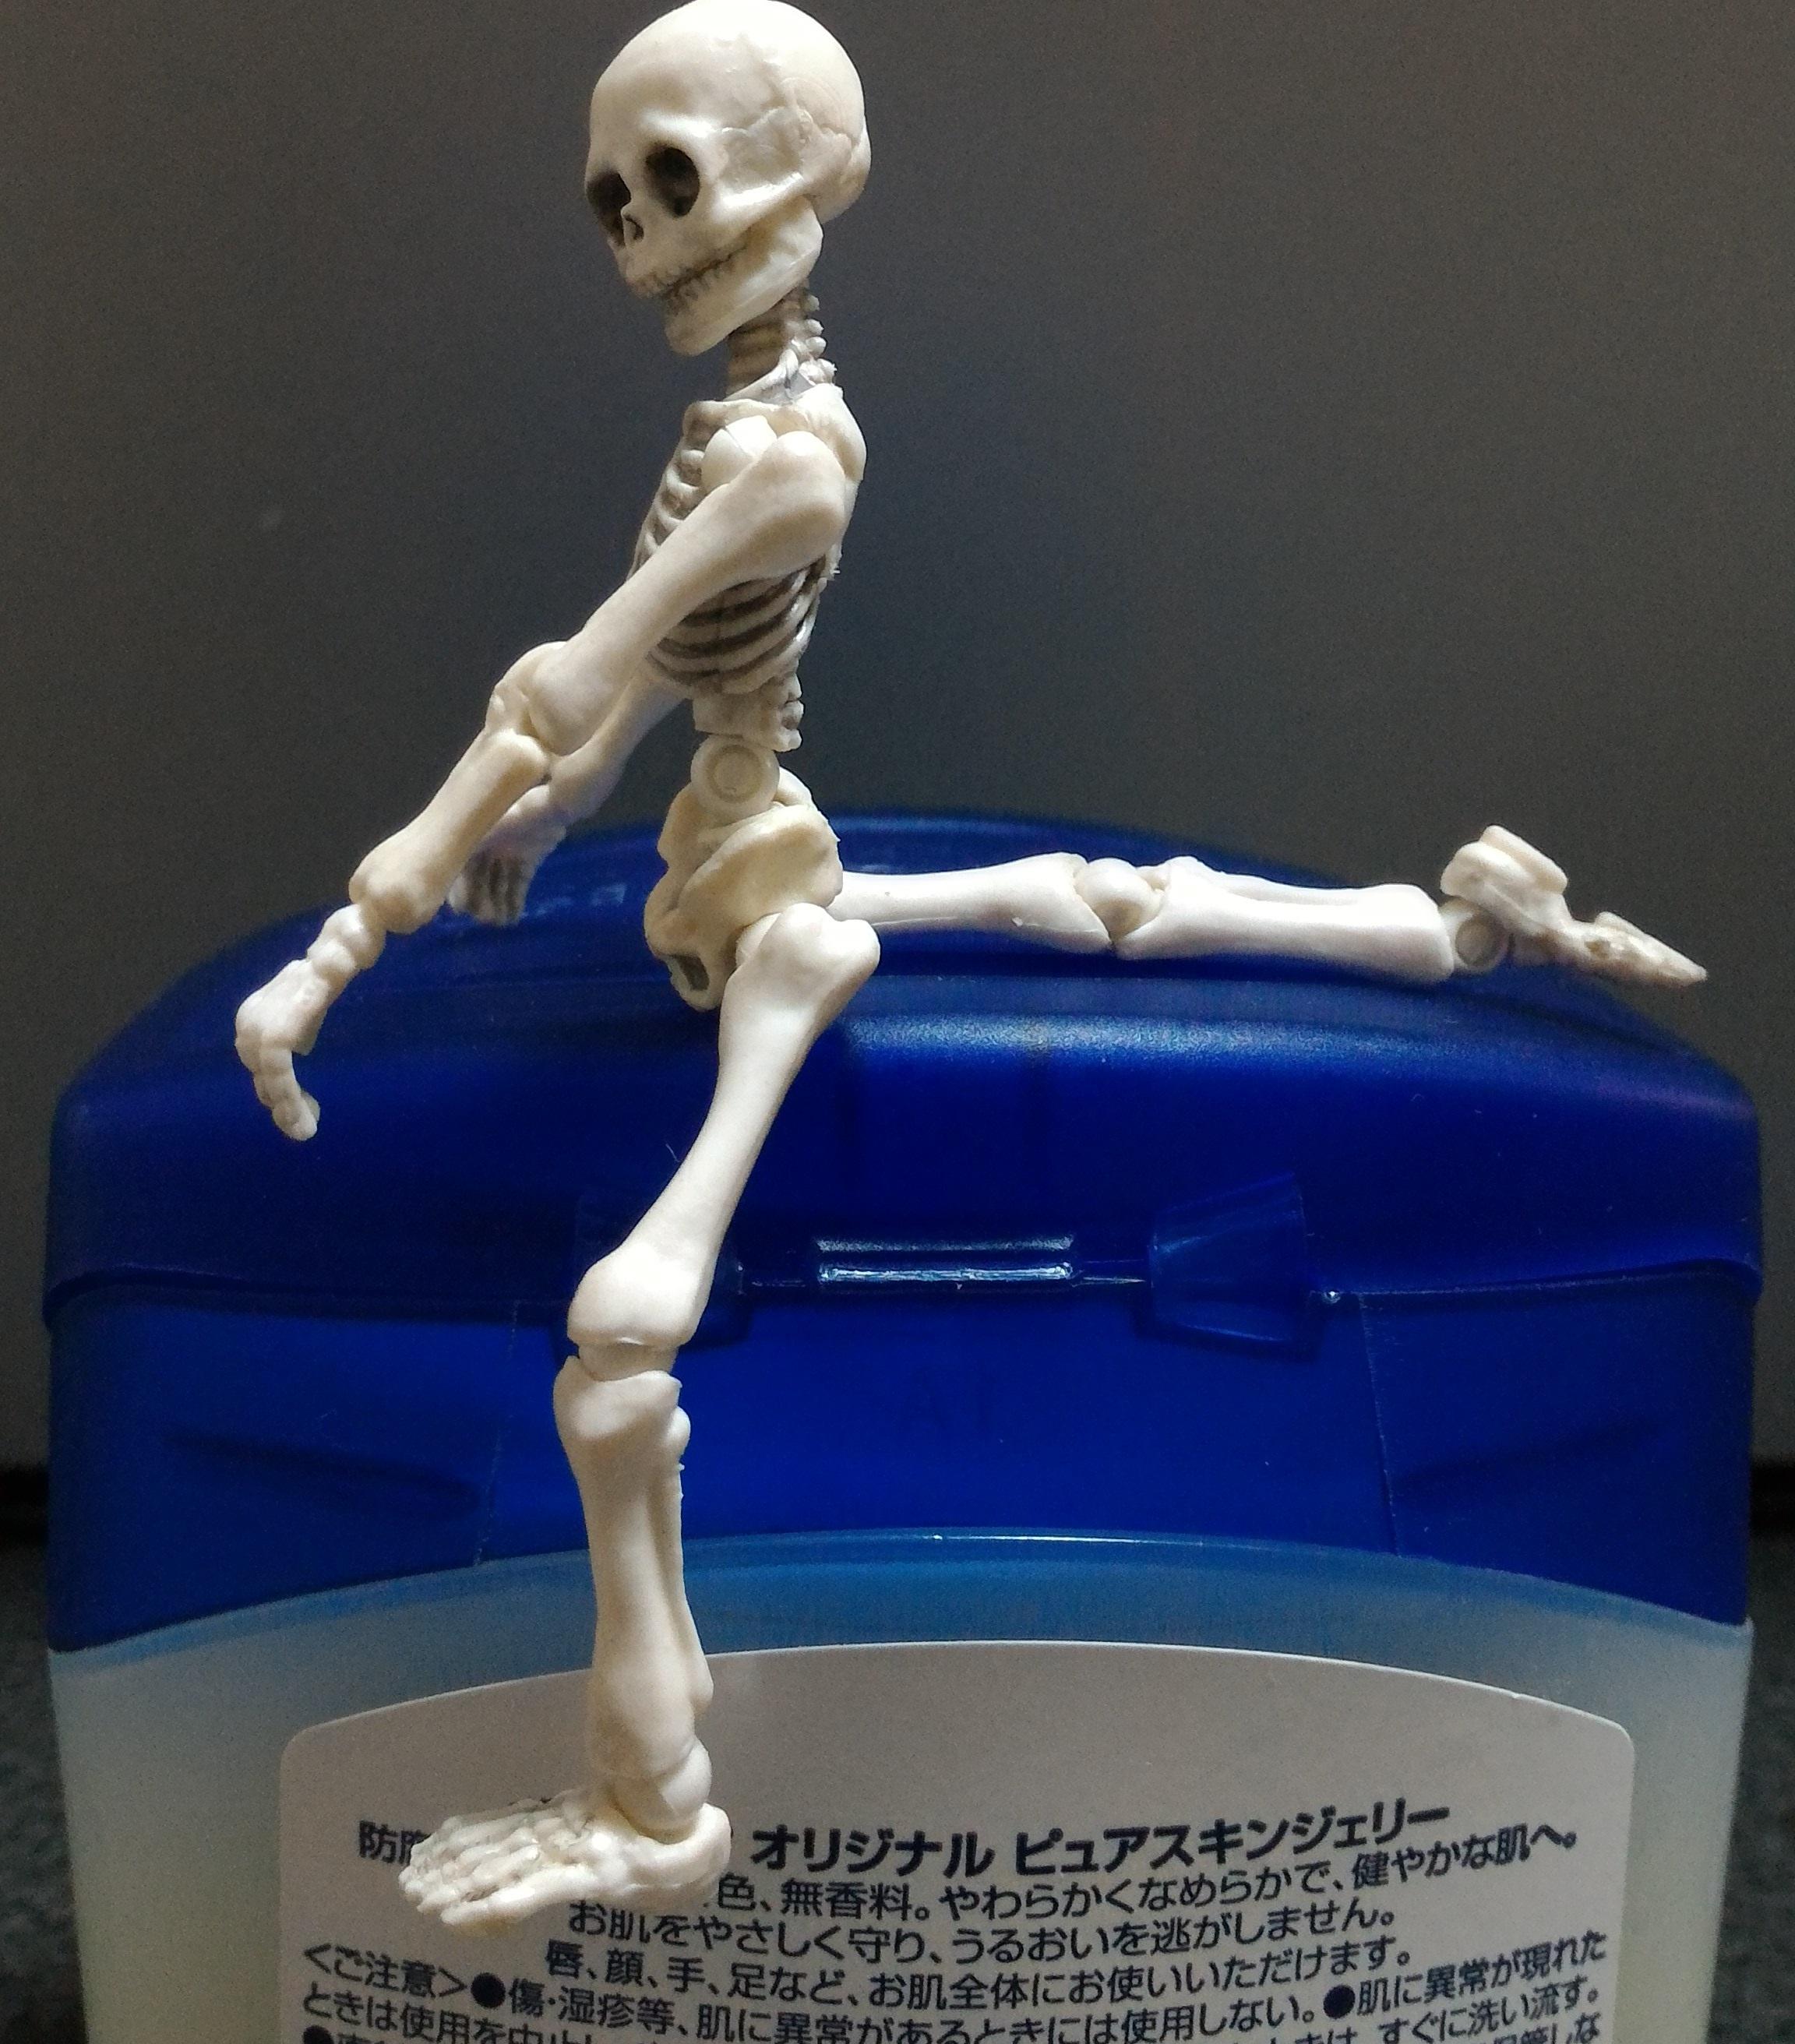 股関節前面のストレッチ